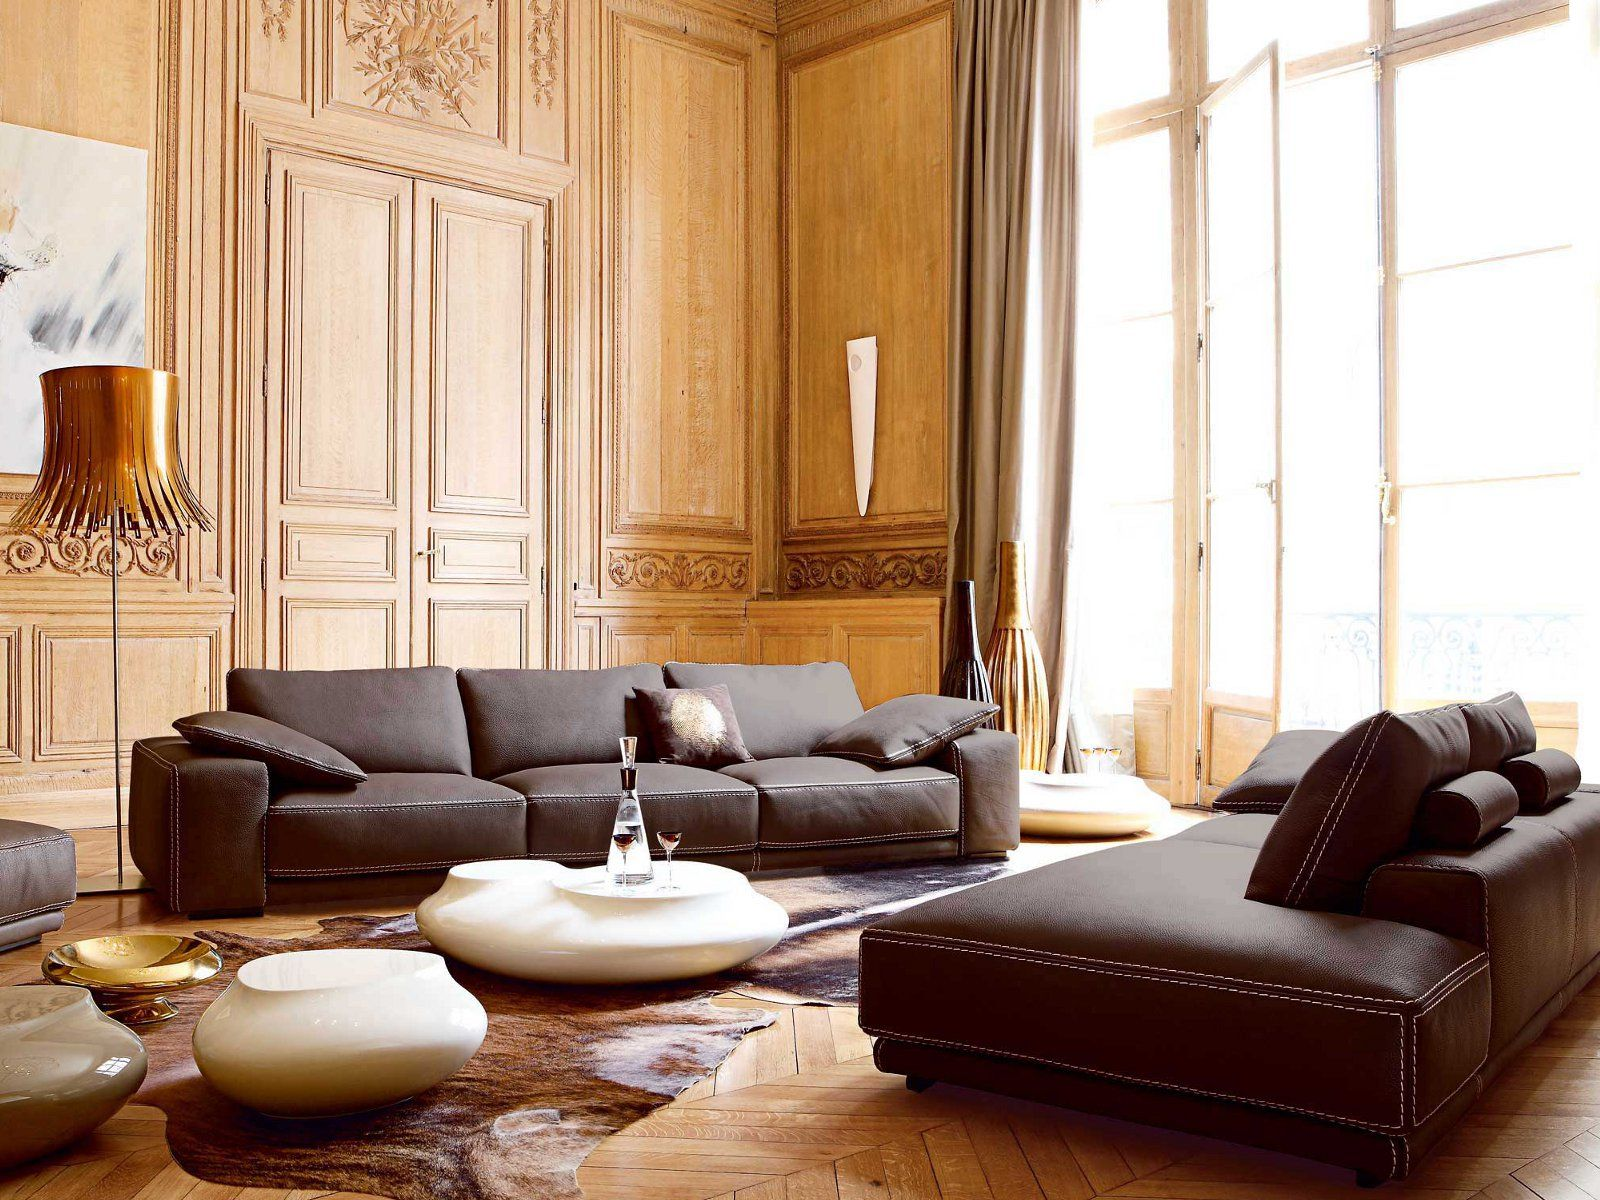 roche bobois canap rembourr en cuir piazza roche bobois design2 pinterest. Black Bedroom Furniture Sets. Home Design Ideas